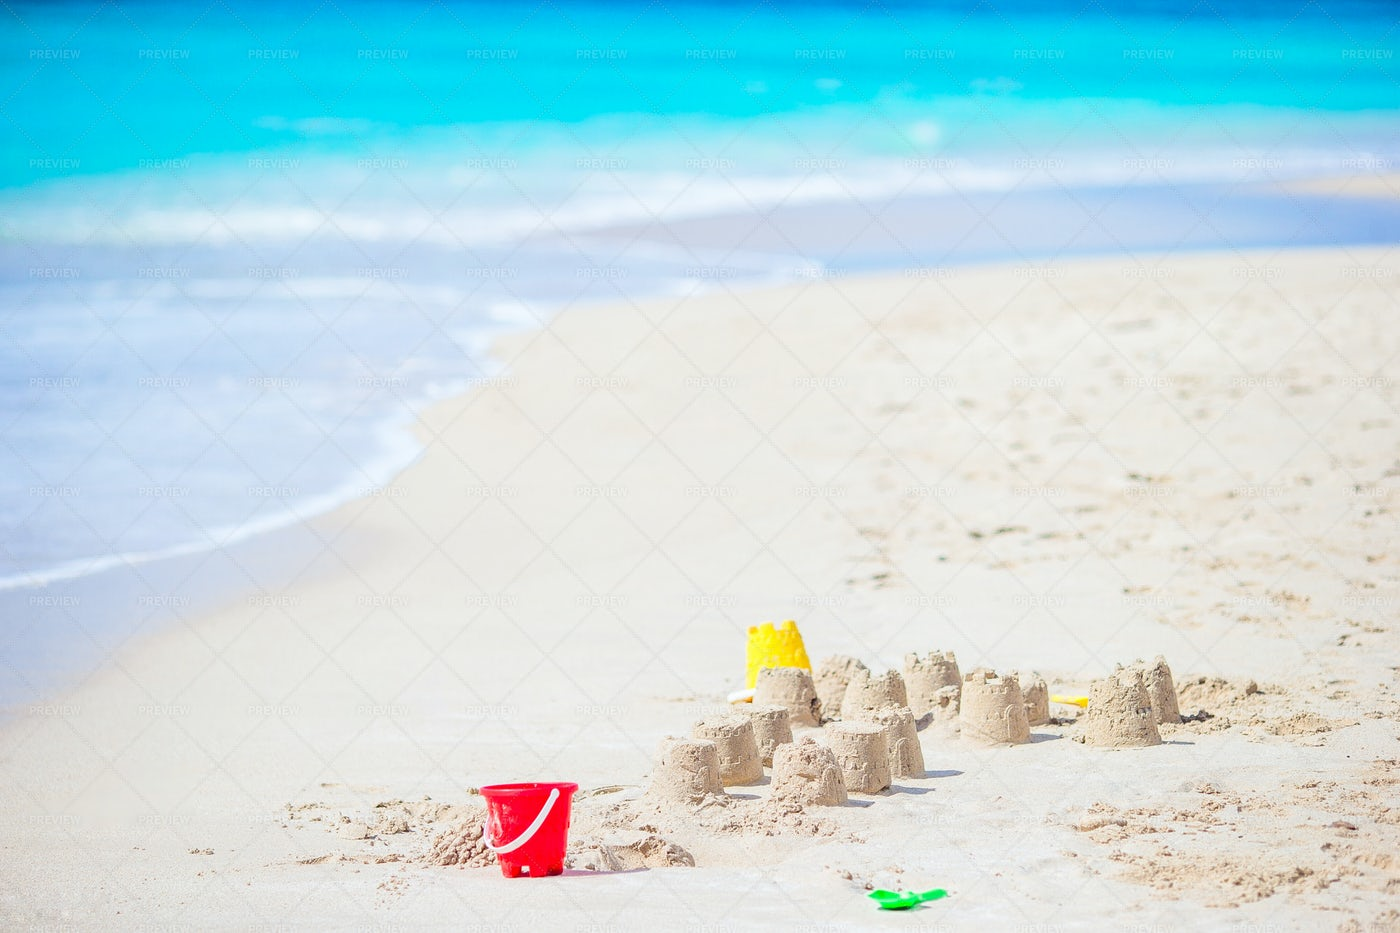 Sandcastle At Beach: Stock Photos